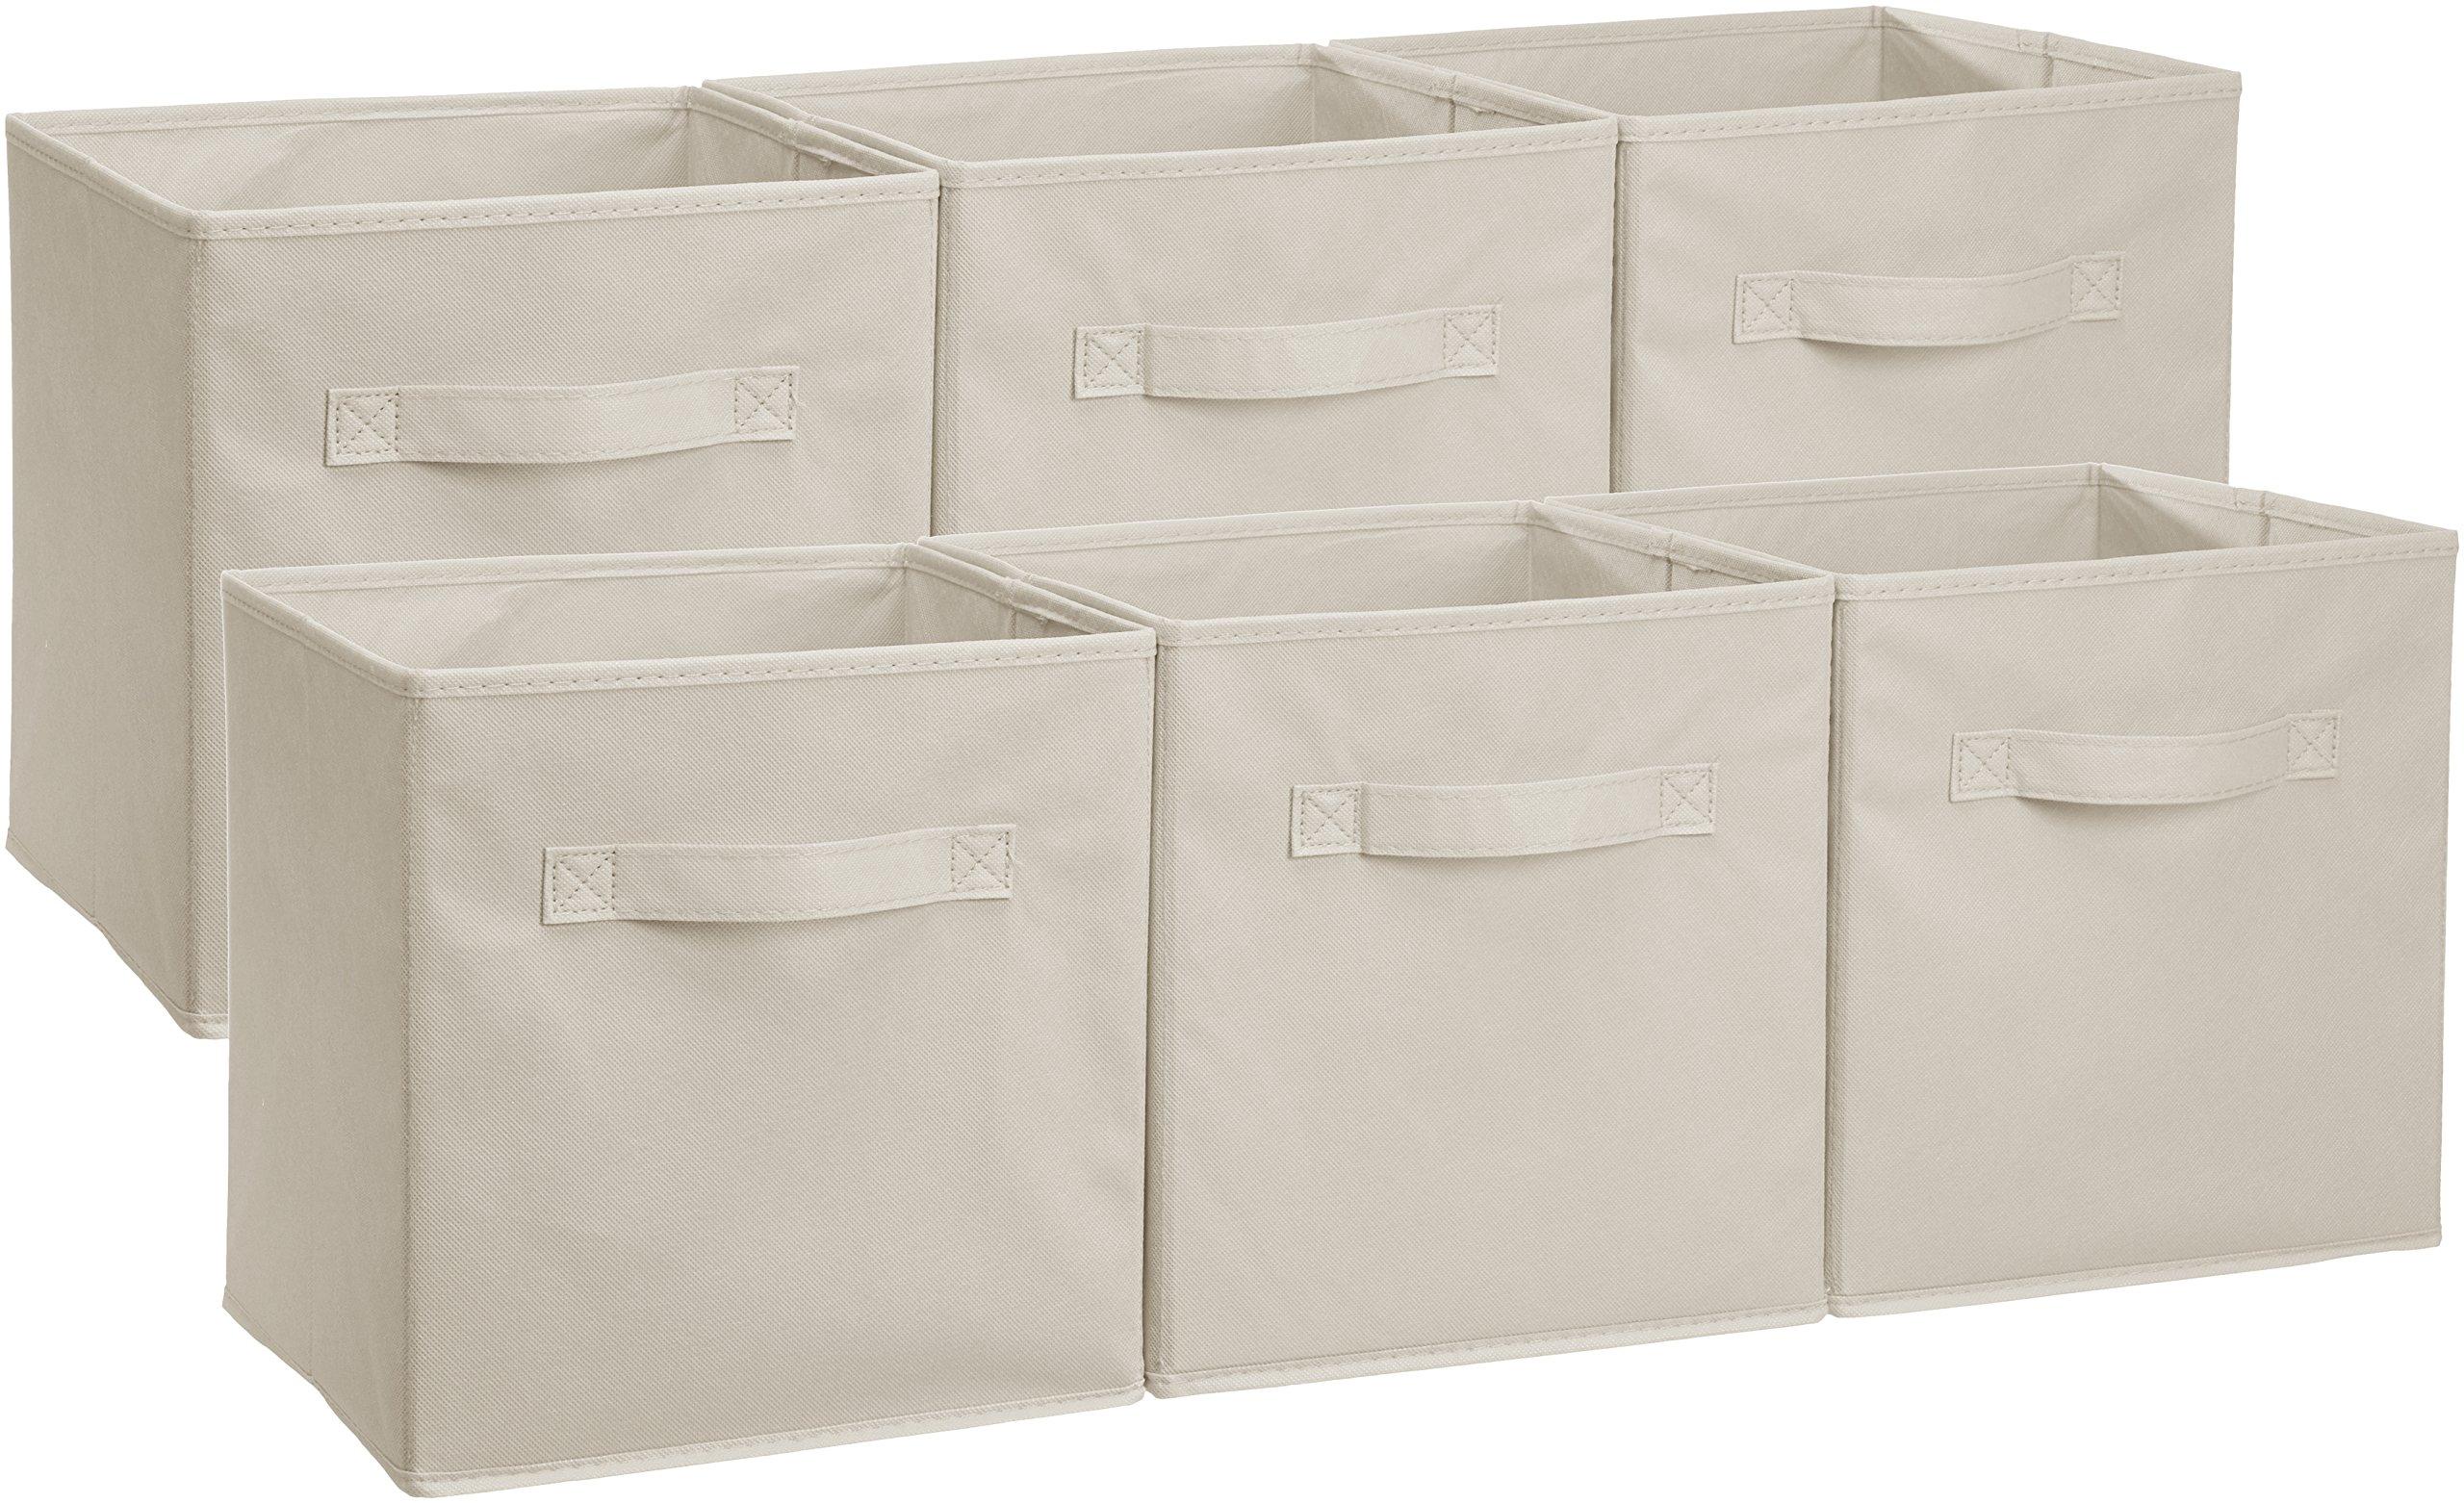 AmazonBasics Foldable Storage Cubes - 6-Pack, Beige